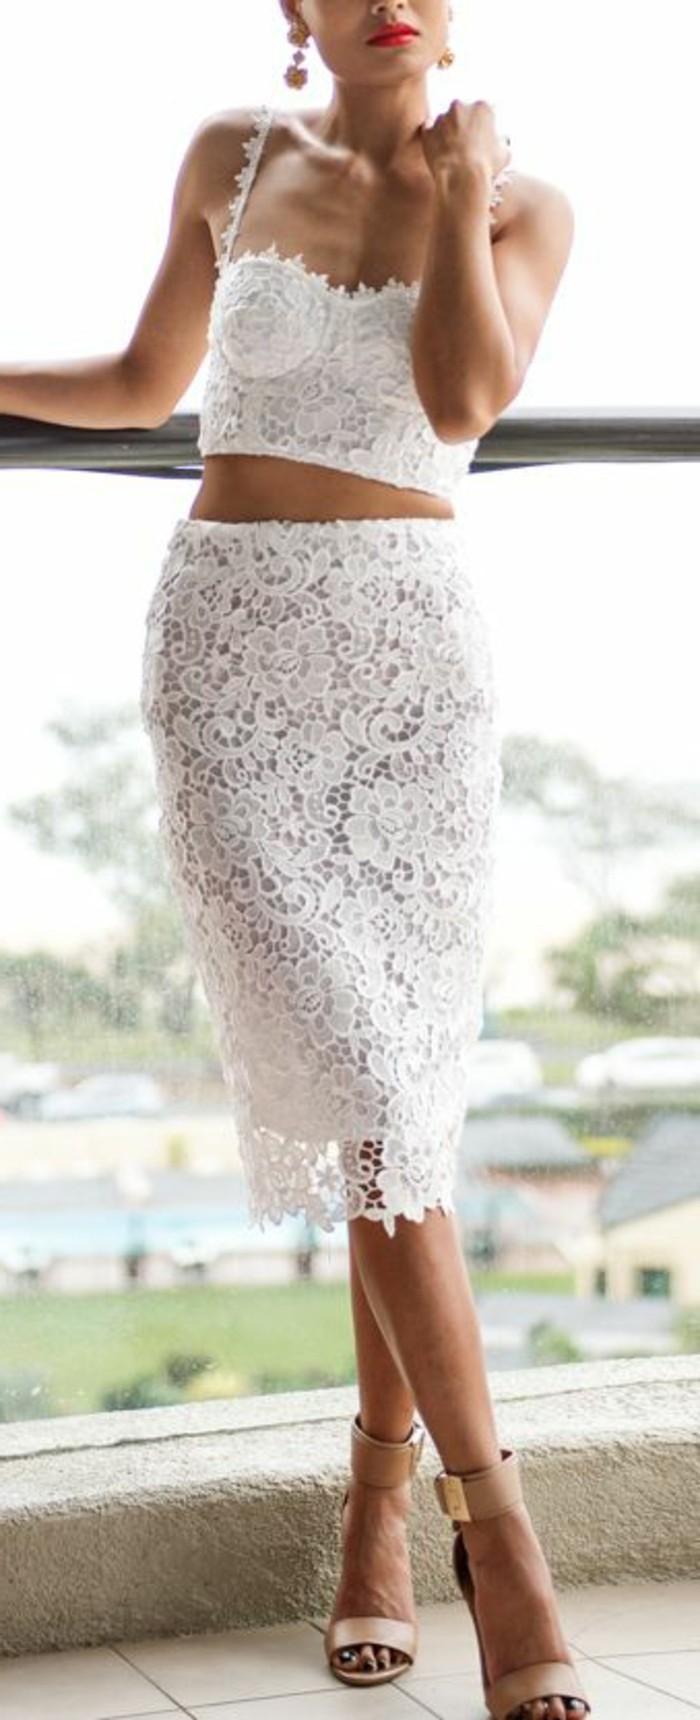 0-robe-de-mariée-courte-mi-courte-en-dentelle-robe-de-mariage-civil-en-dentelle-blanche-et-top-et-jupe